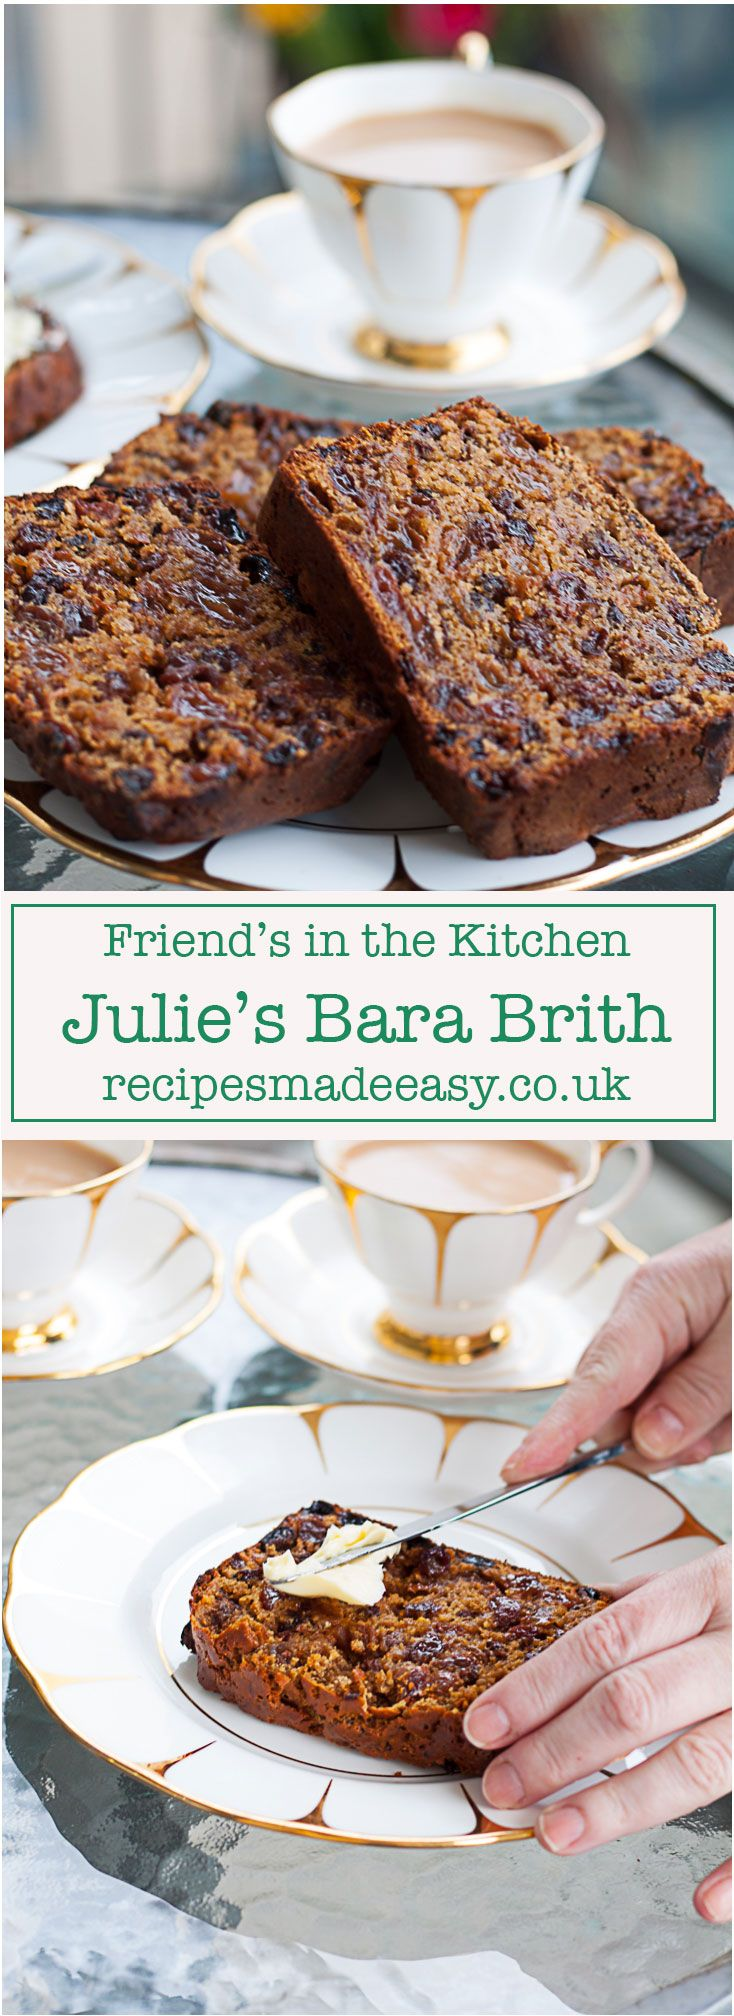 Friends in the Kitchen - Julie's Bara Brith